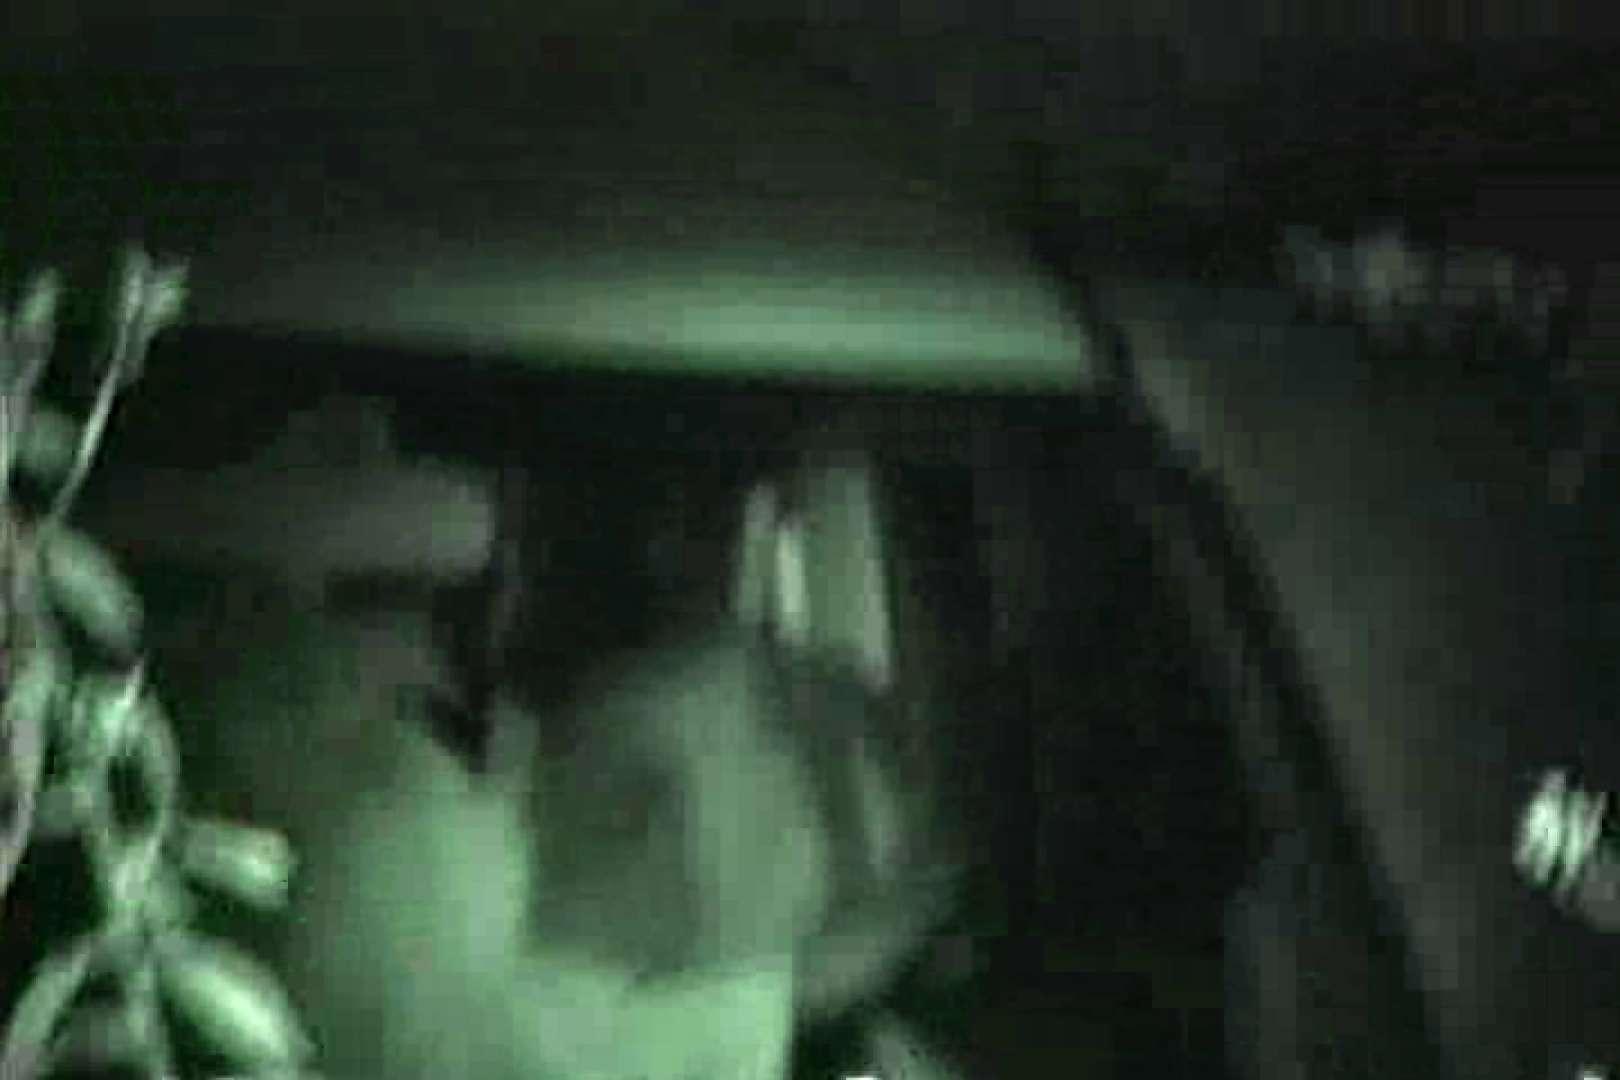 車の中はラブホテル 無修正版  Vol.9 美女OL オメコ無修正動画無料 88連発 87